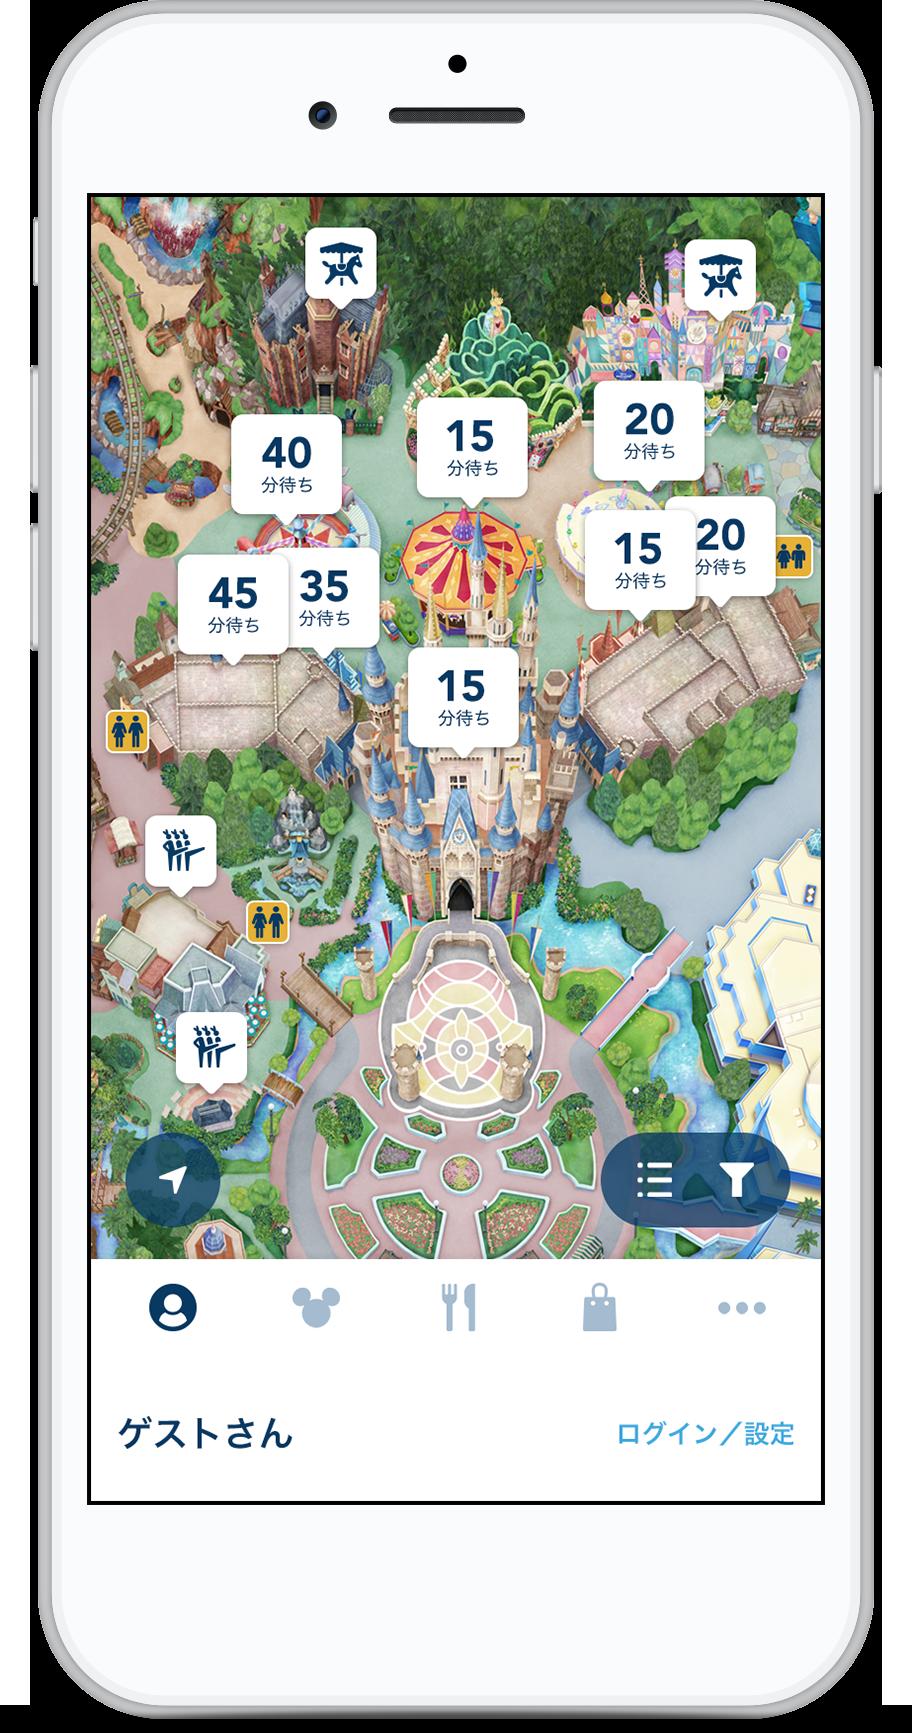 公式アプリ 「東京ディズニーリゾート・アプリ」今夏スタート | コンフェティ